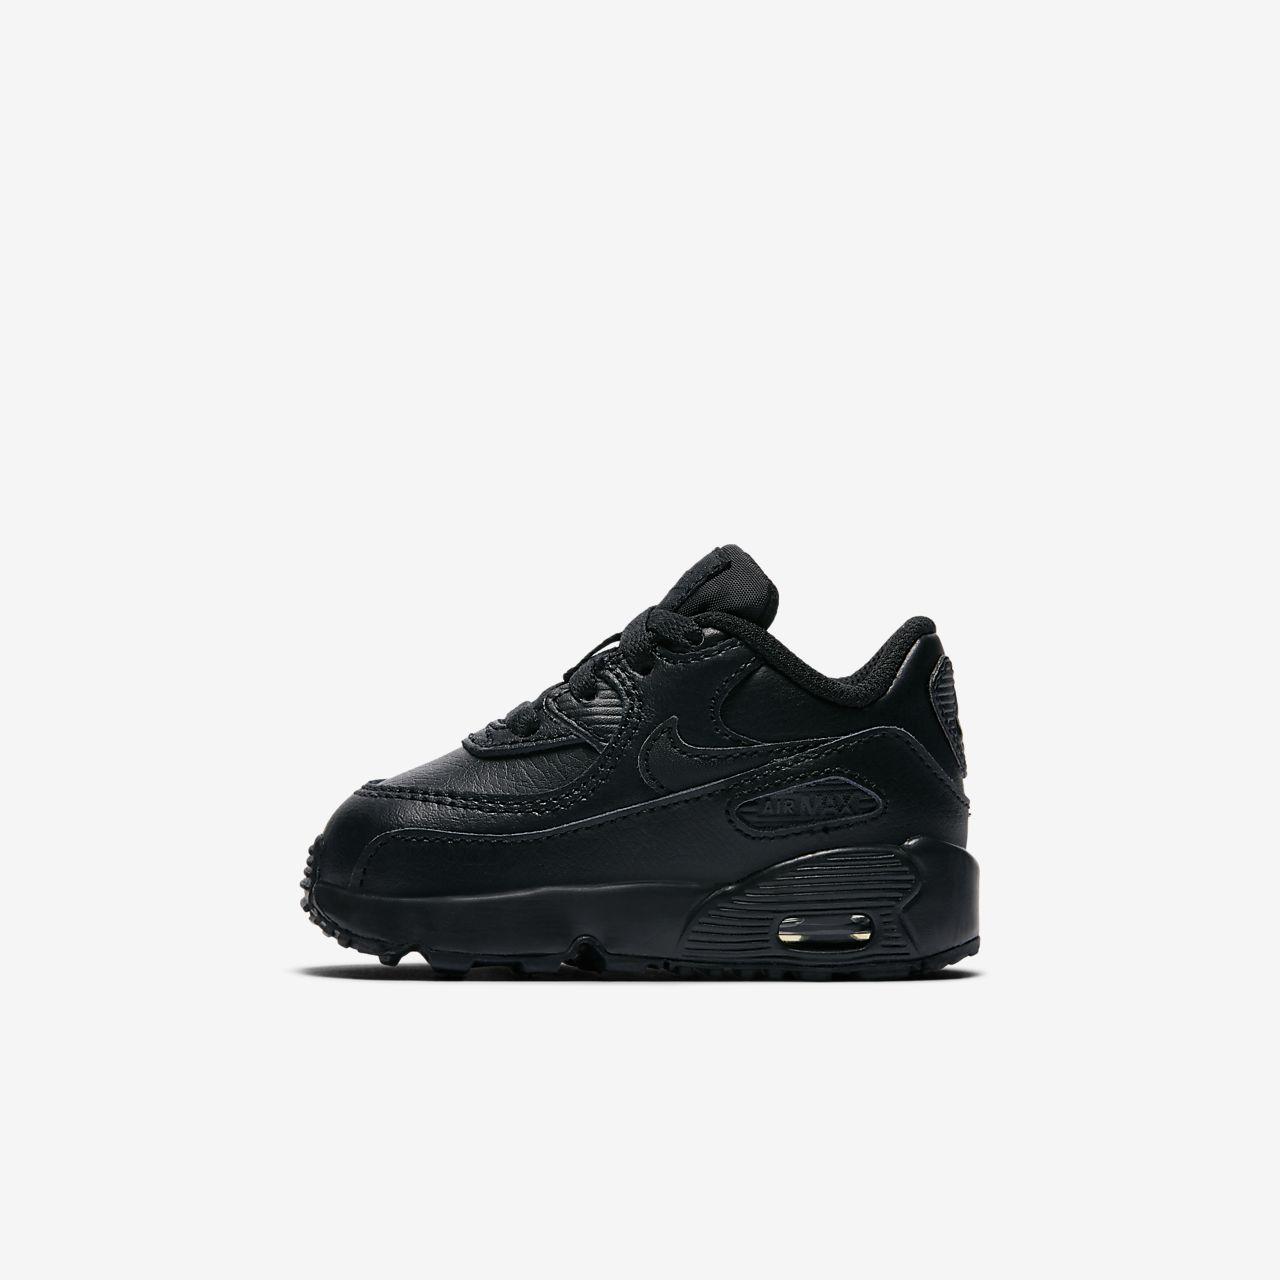 Buty dla niemowląt Nike Air Max 90 Leather